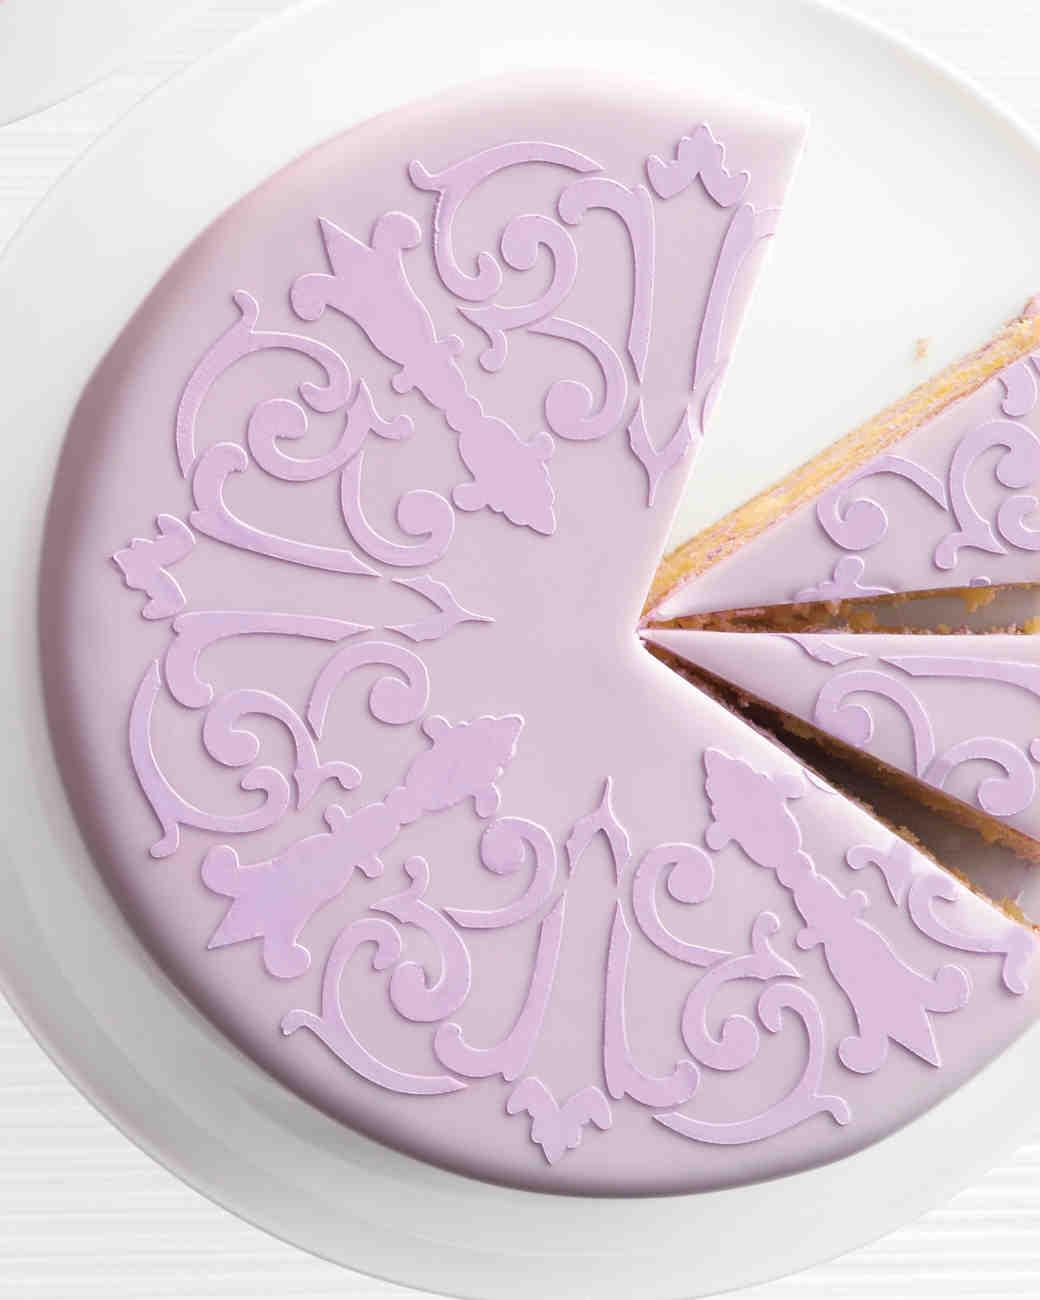 macaroon-cakes-violet-cassis-mwd109994.jpg